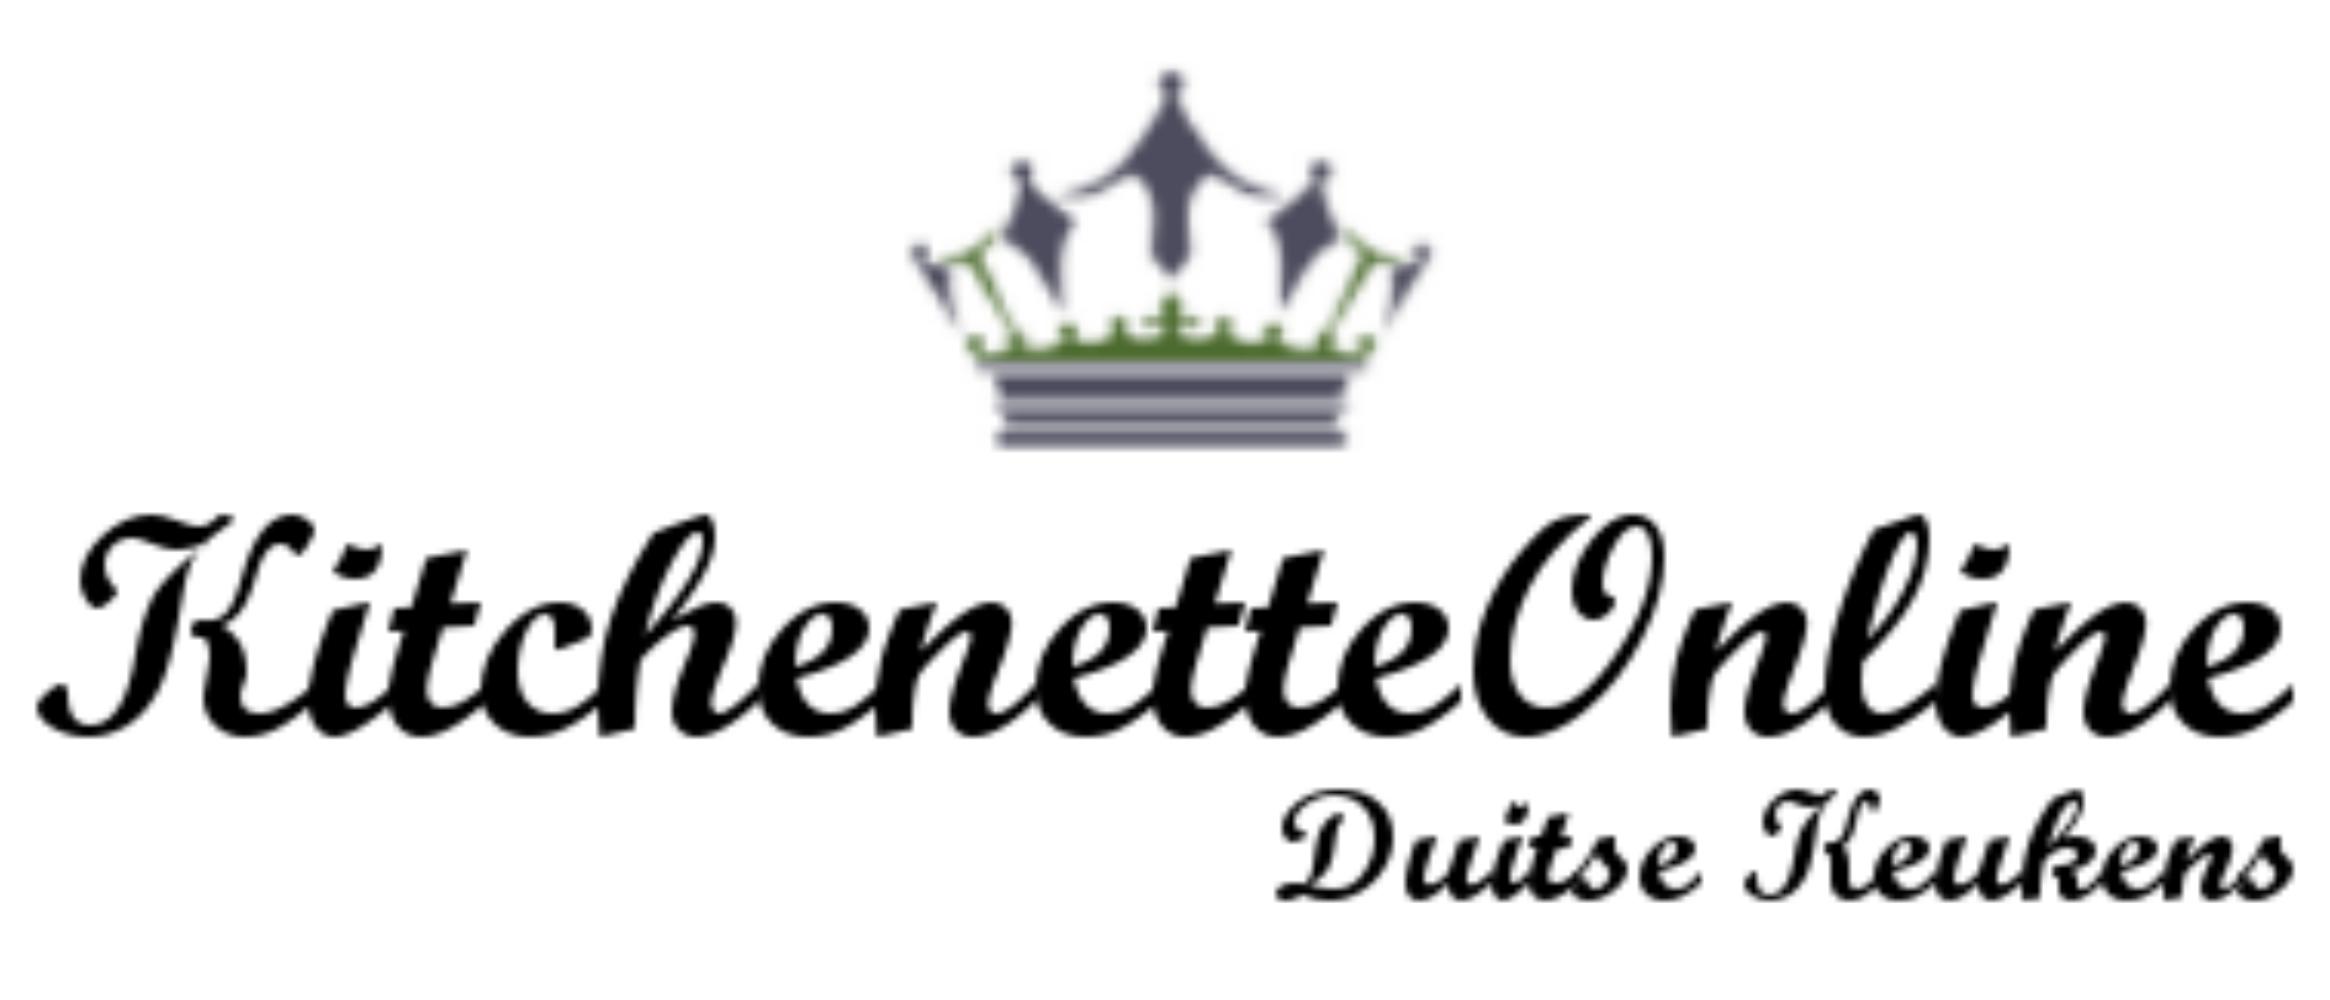 Logo of Kitchenetteonline.nl